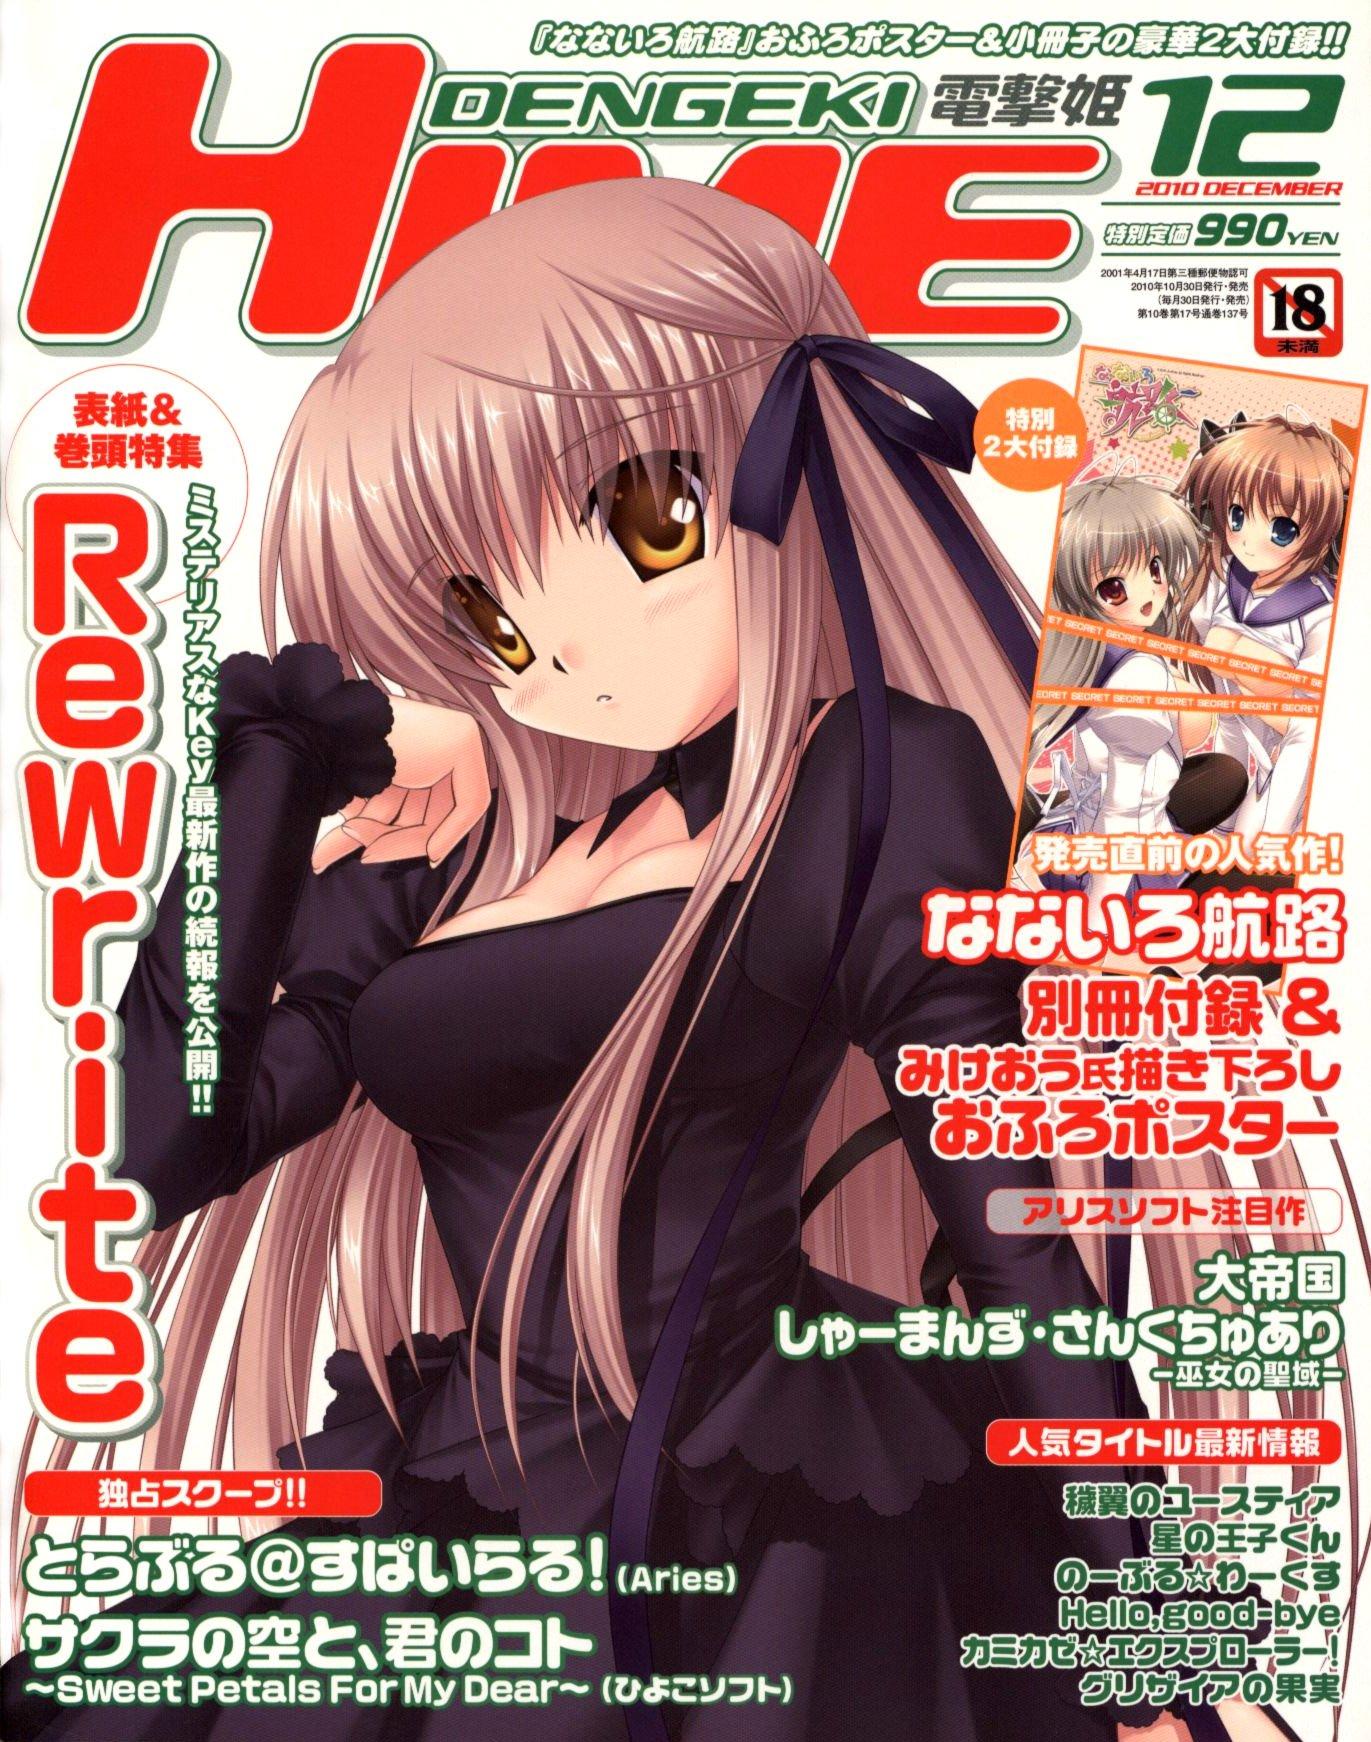 Dengeki Hime Issue 129 (December 2010)